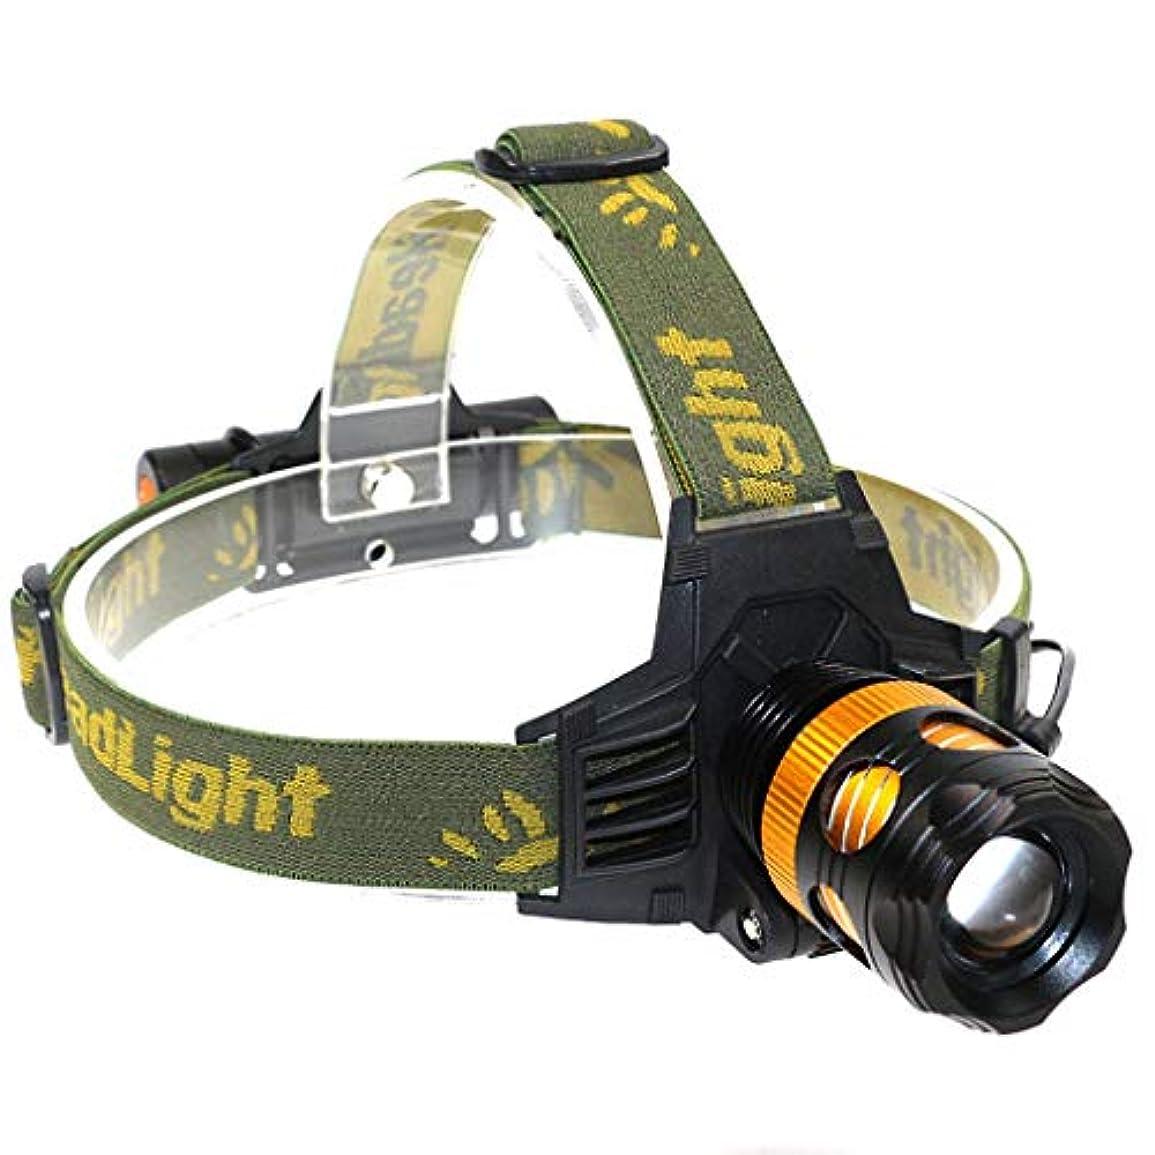 圧縮されたチーター塩辛い1つの懐中電燈のヘッドライトに付き2つT6まぶしさLED釣りヘッドライトヘッドマウント照明回転機械充電式ヘッドライト